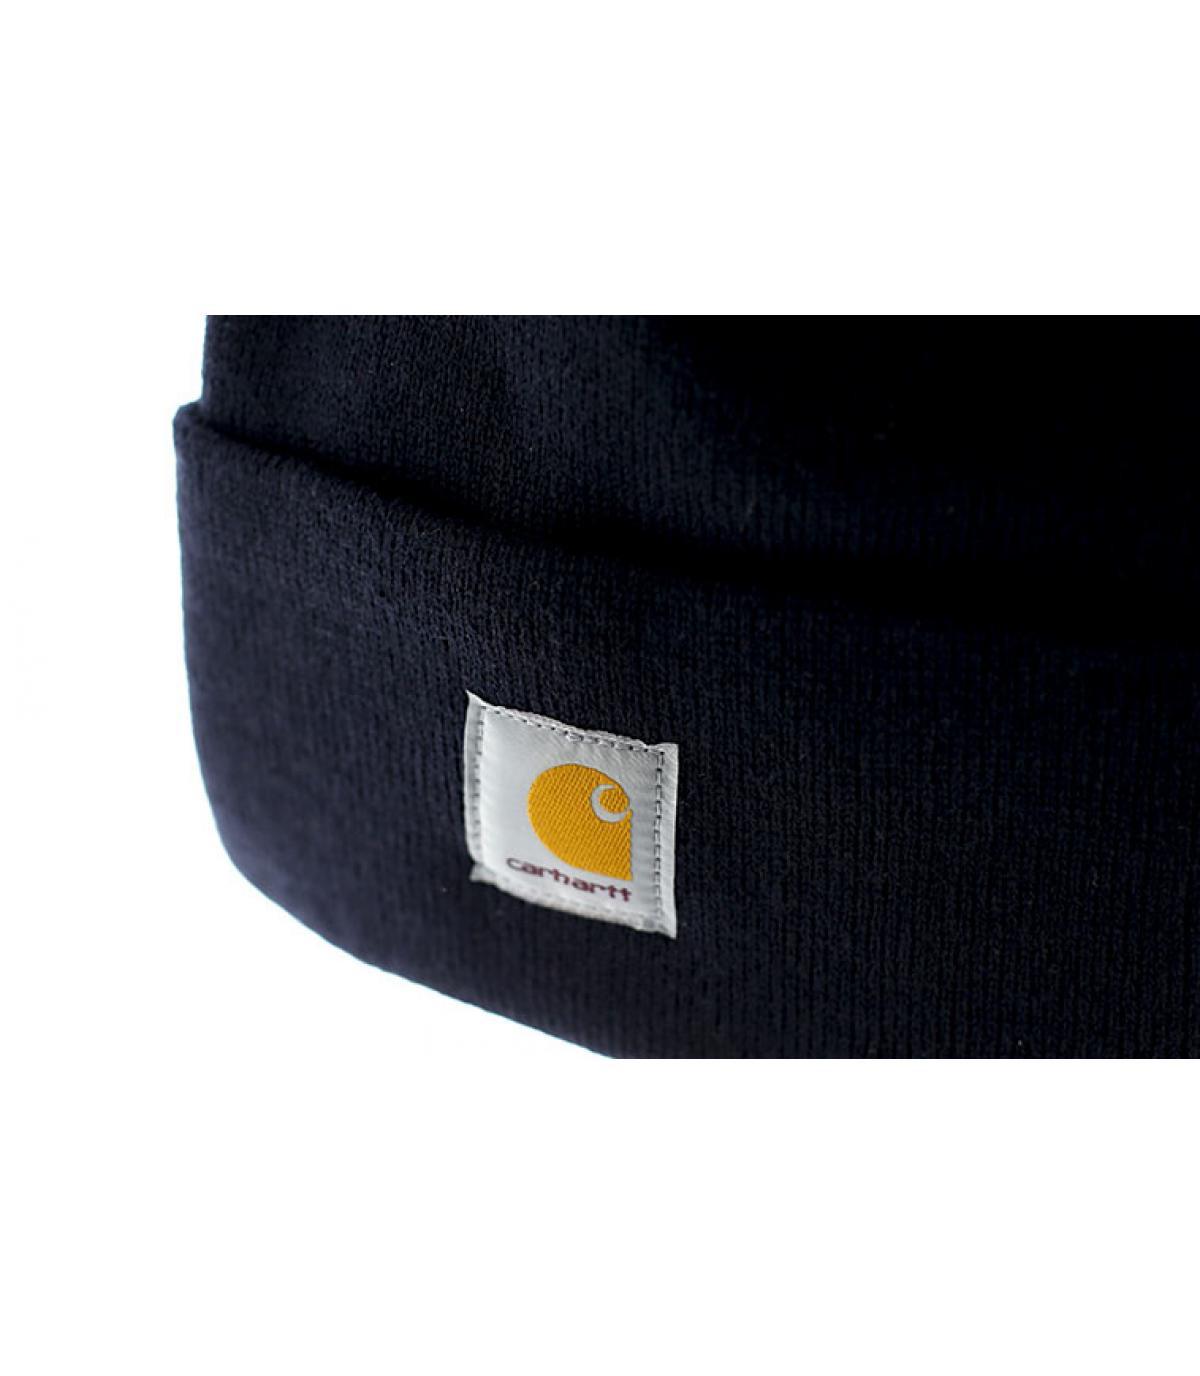 Détails Bonnet Watch navy - image 3